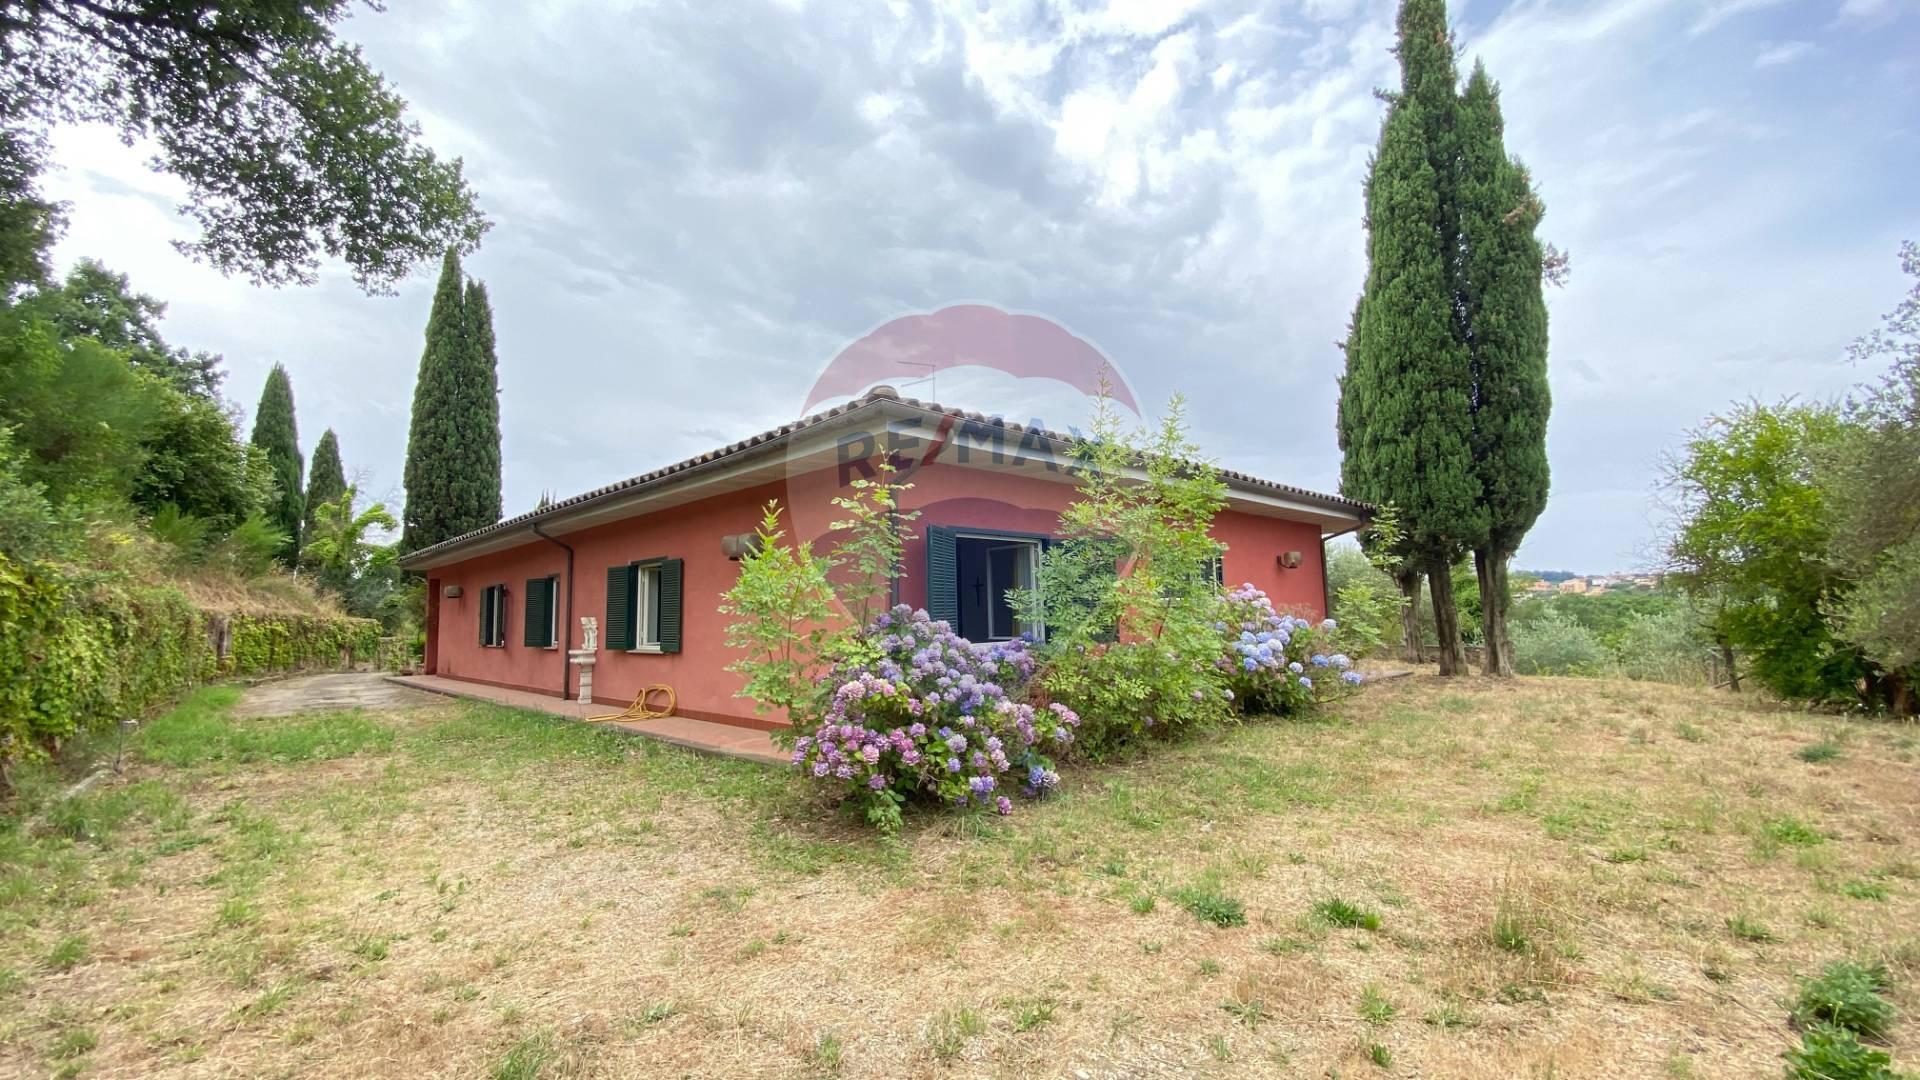 Villa in vendita a Morlupo, 8 locali, prezzo € 290.000 | CambioCasa.it